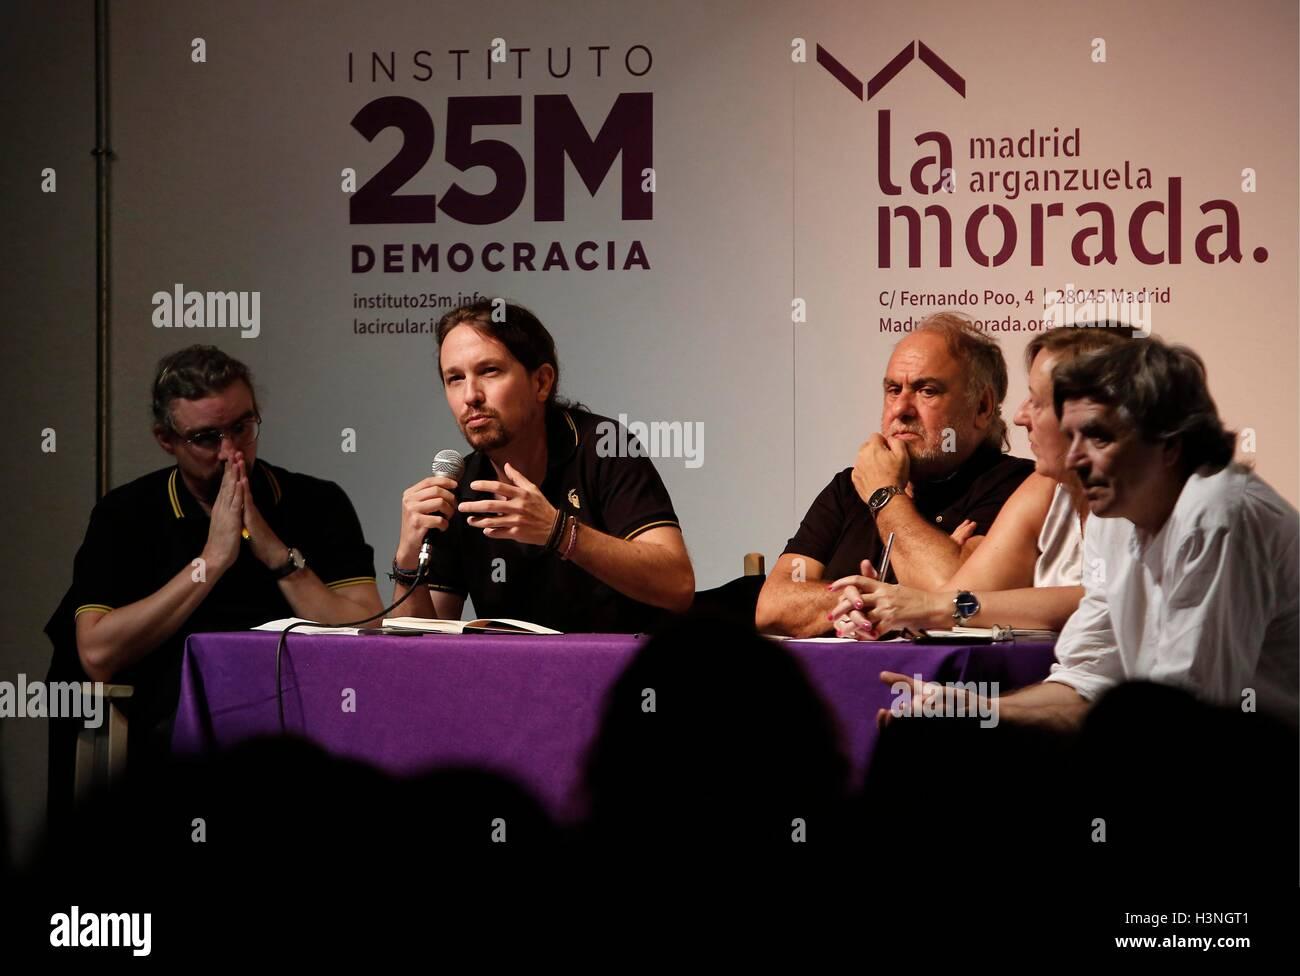 El Secretario Generale de Podemos, Pablo Iglesias, duranti la Presentacion de onu libro de Jorge Aleman, en Madrid Immagini Stock